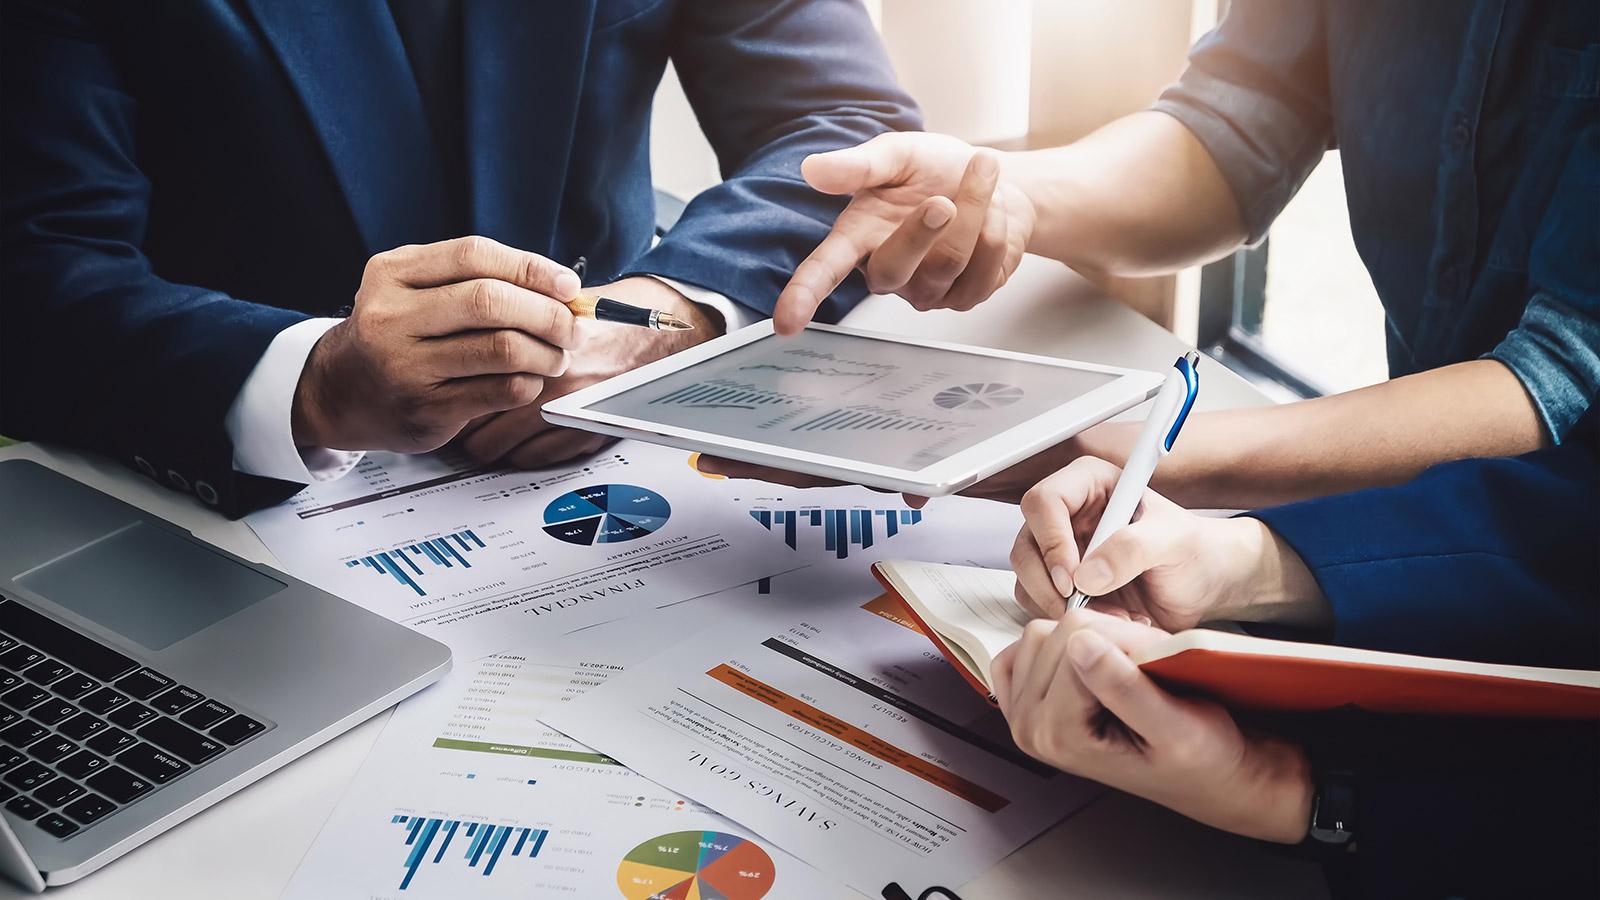 Aumente suas vendas usando uma estratégia inteligente de marketing digital